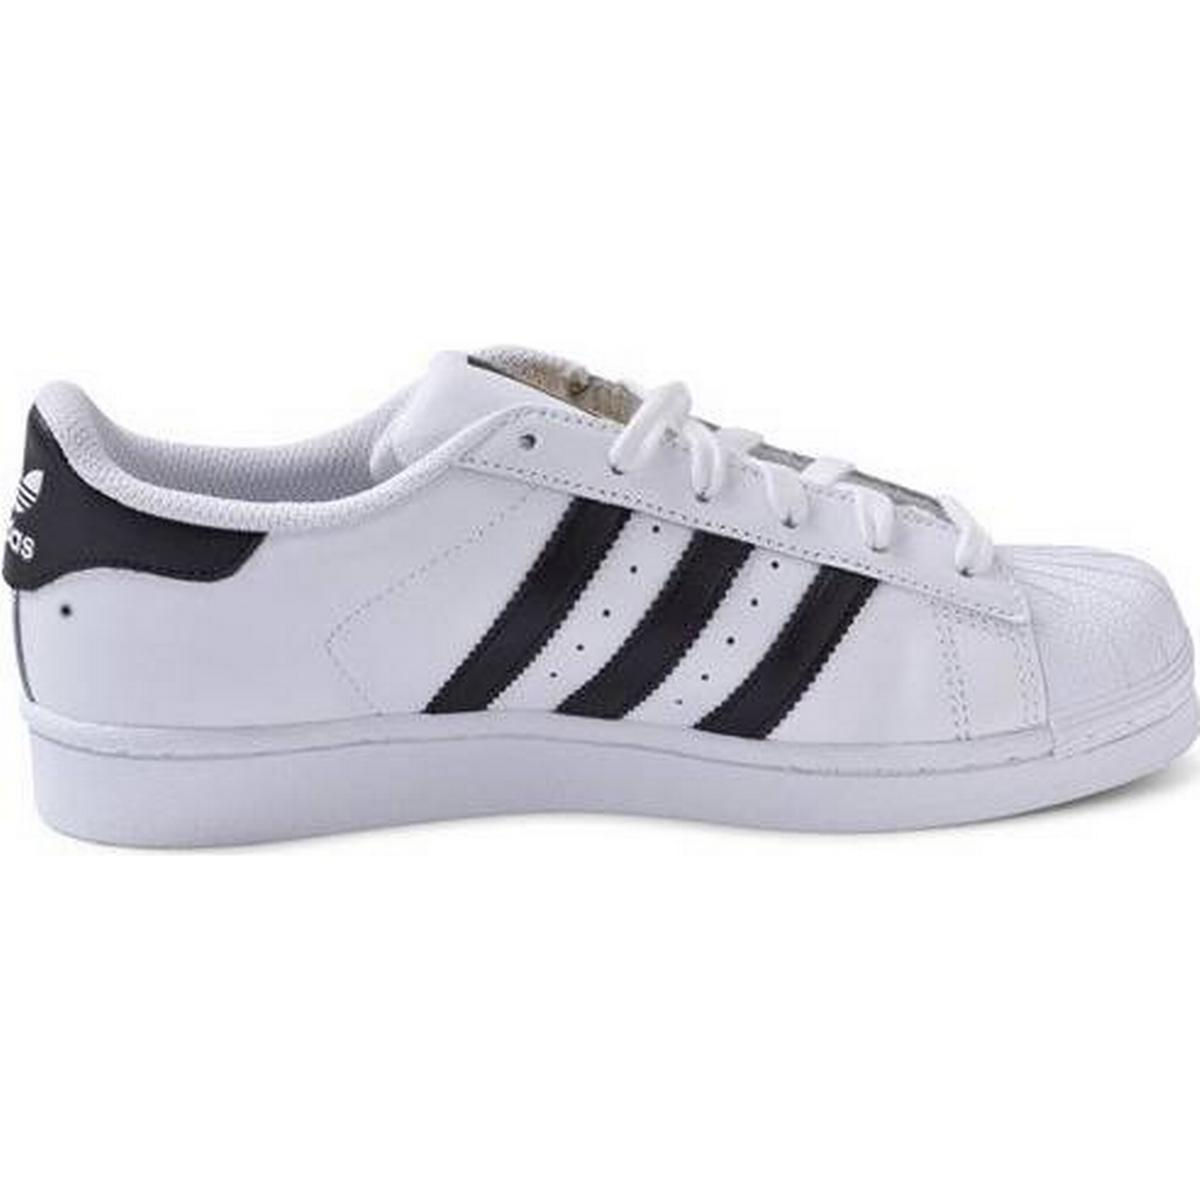 4c98f488 Adidas Barnskor - Jämför priser på PriceRunner